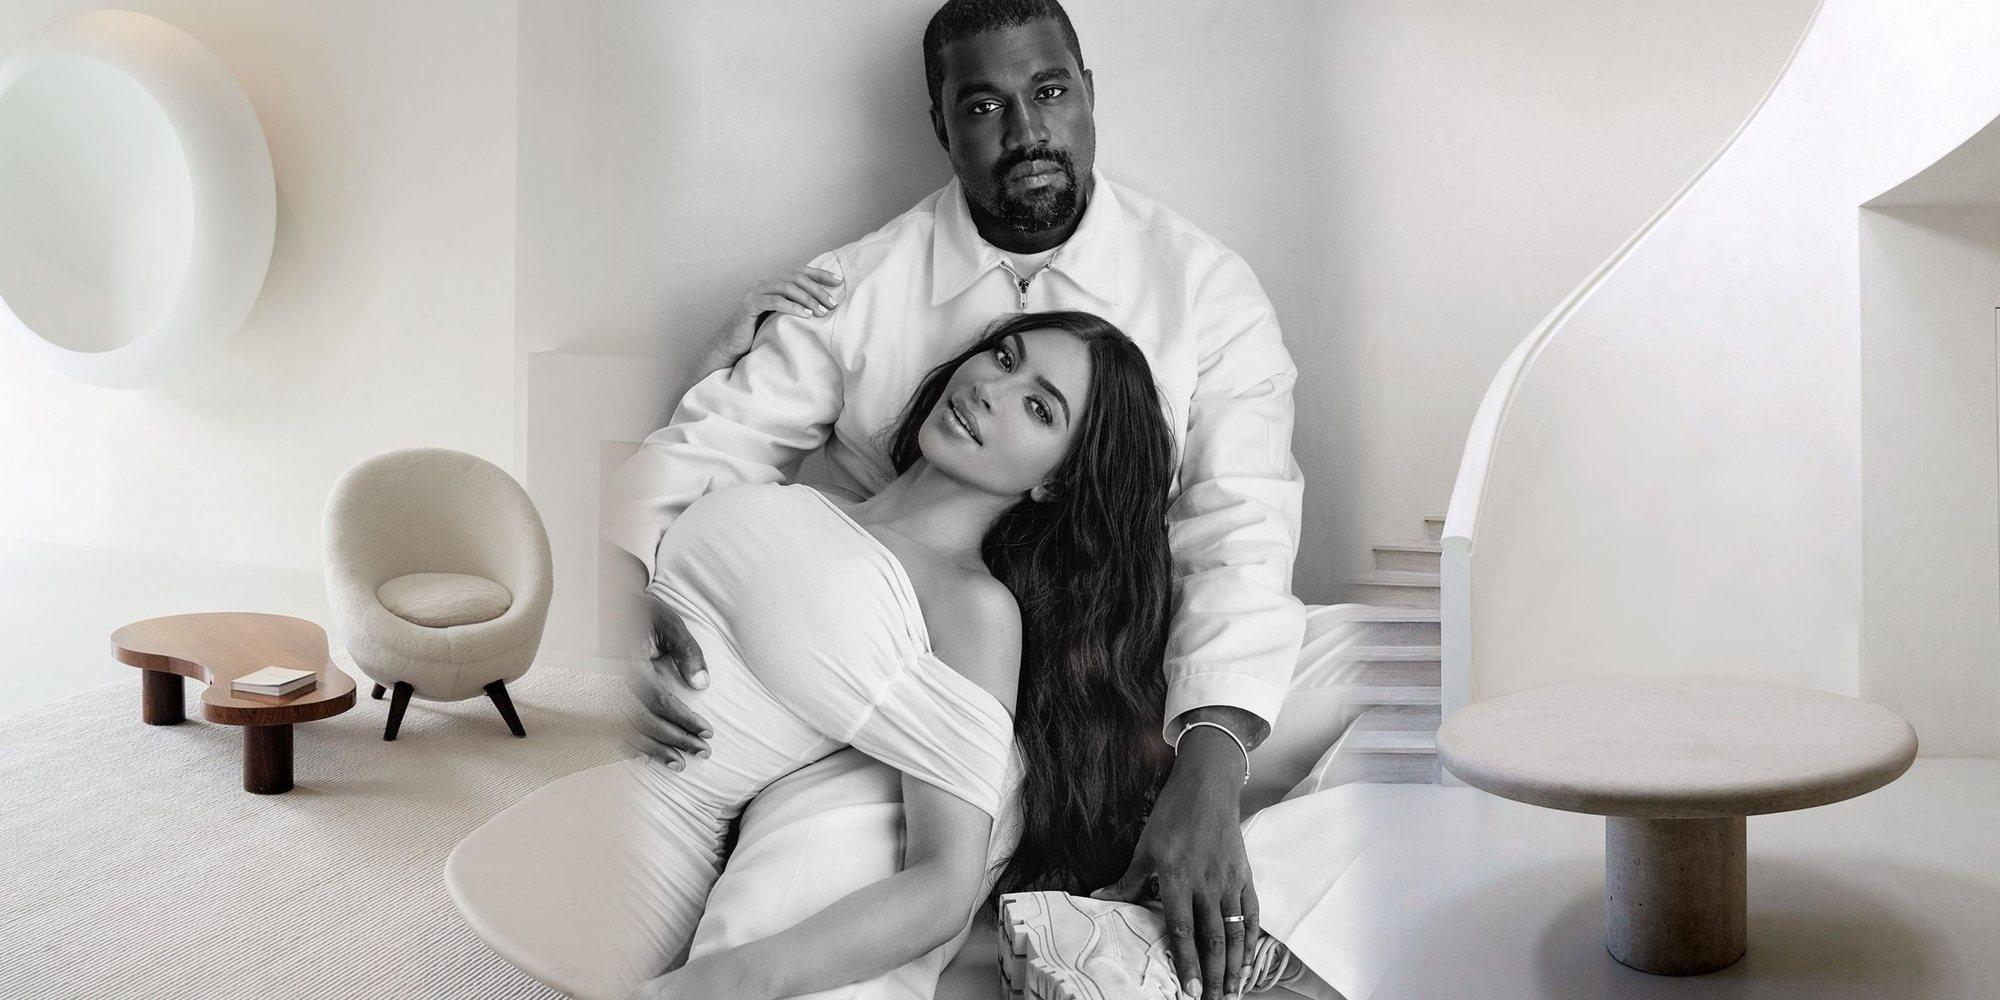 Acuerdo de divorcio de Kimye: Kim Kardashian se queda en la mansión de Los Ángeles con sus cuatro hijos